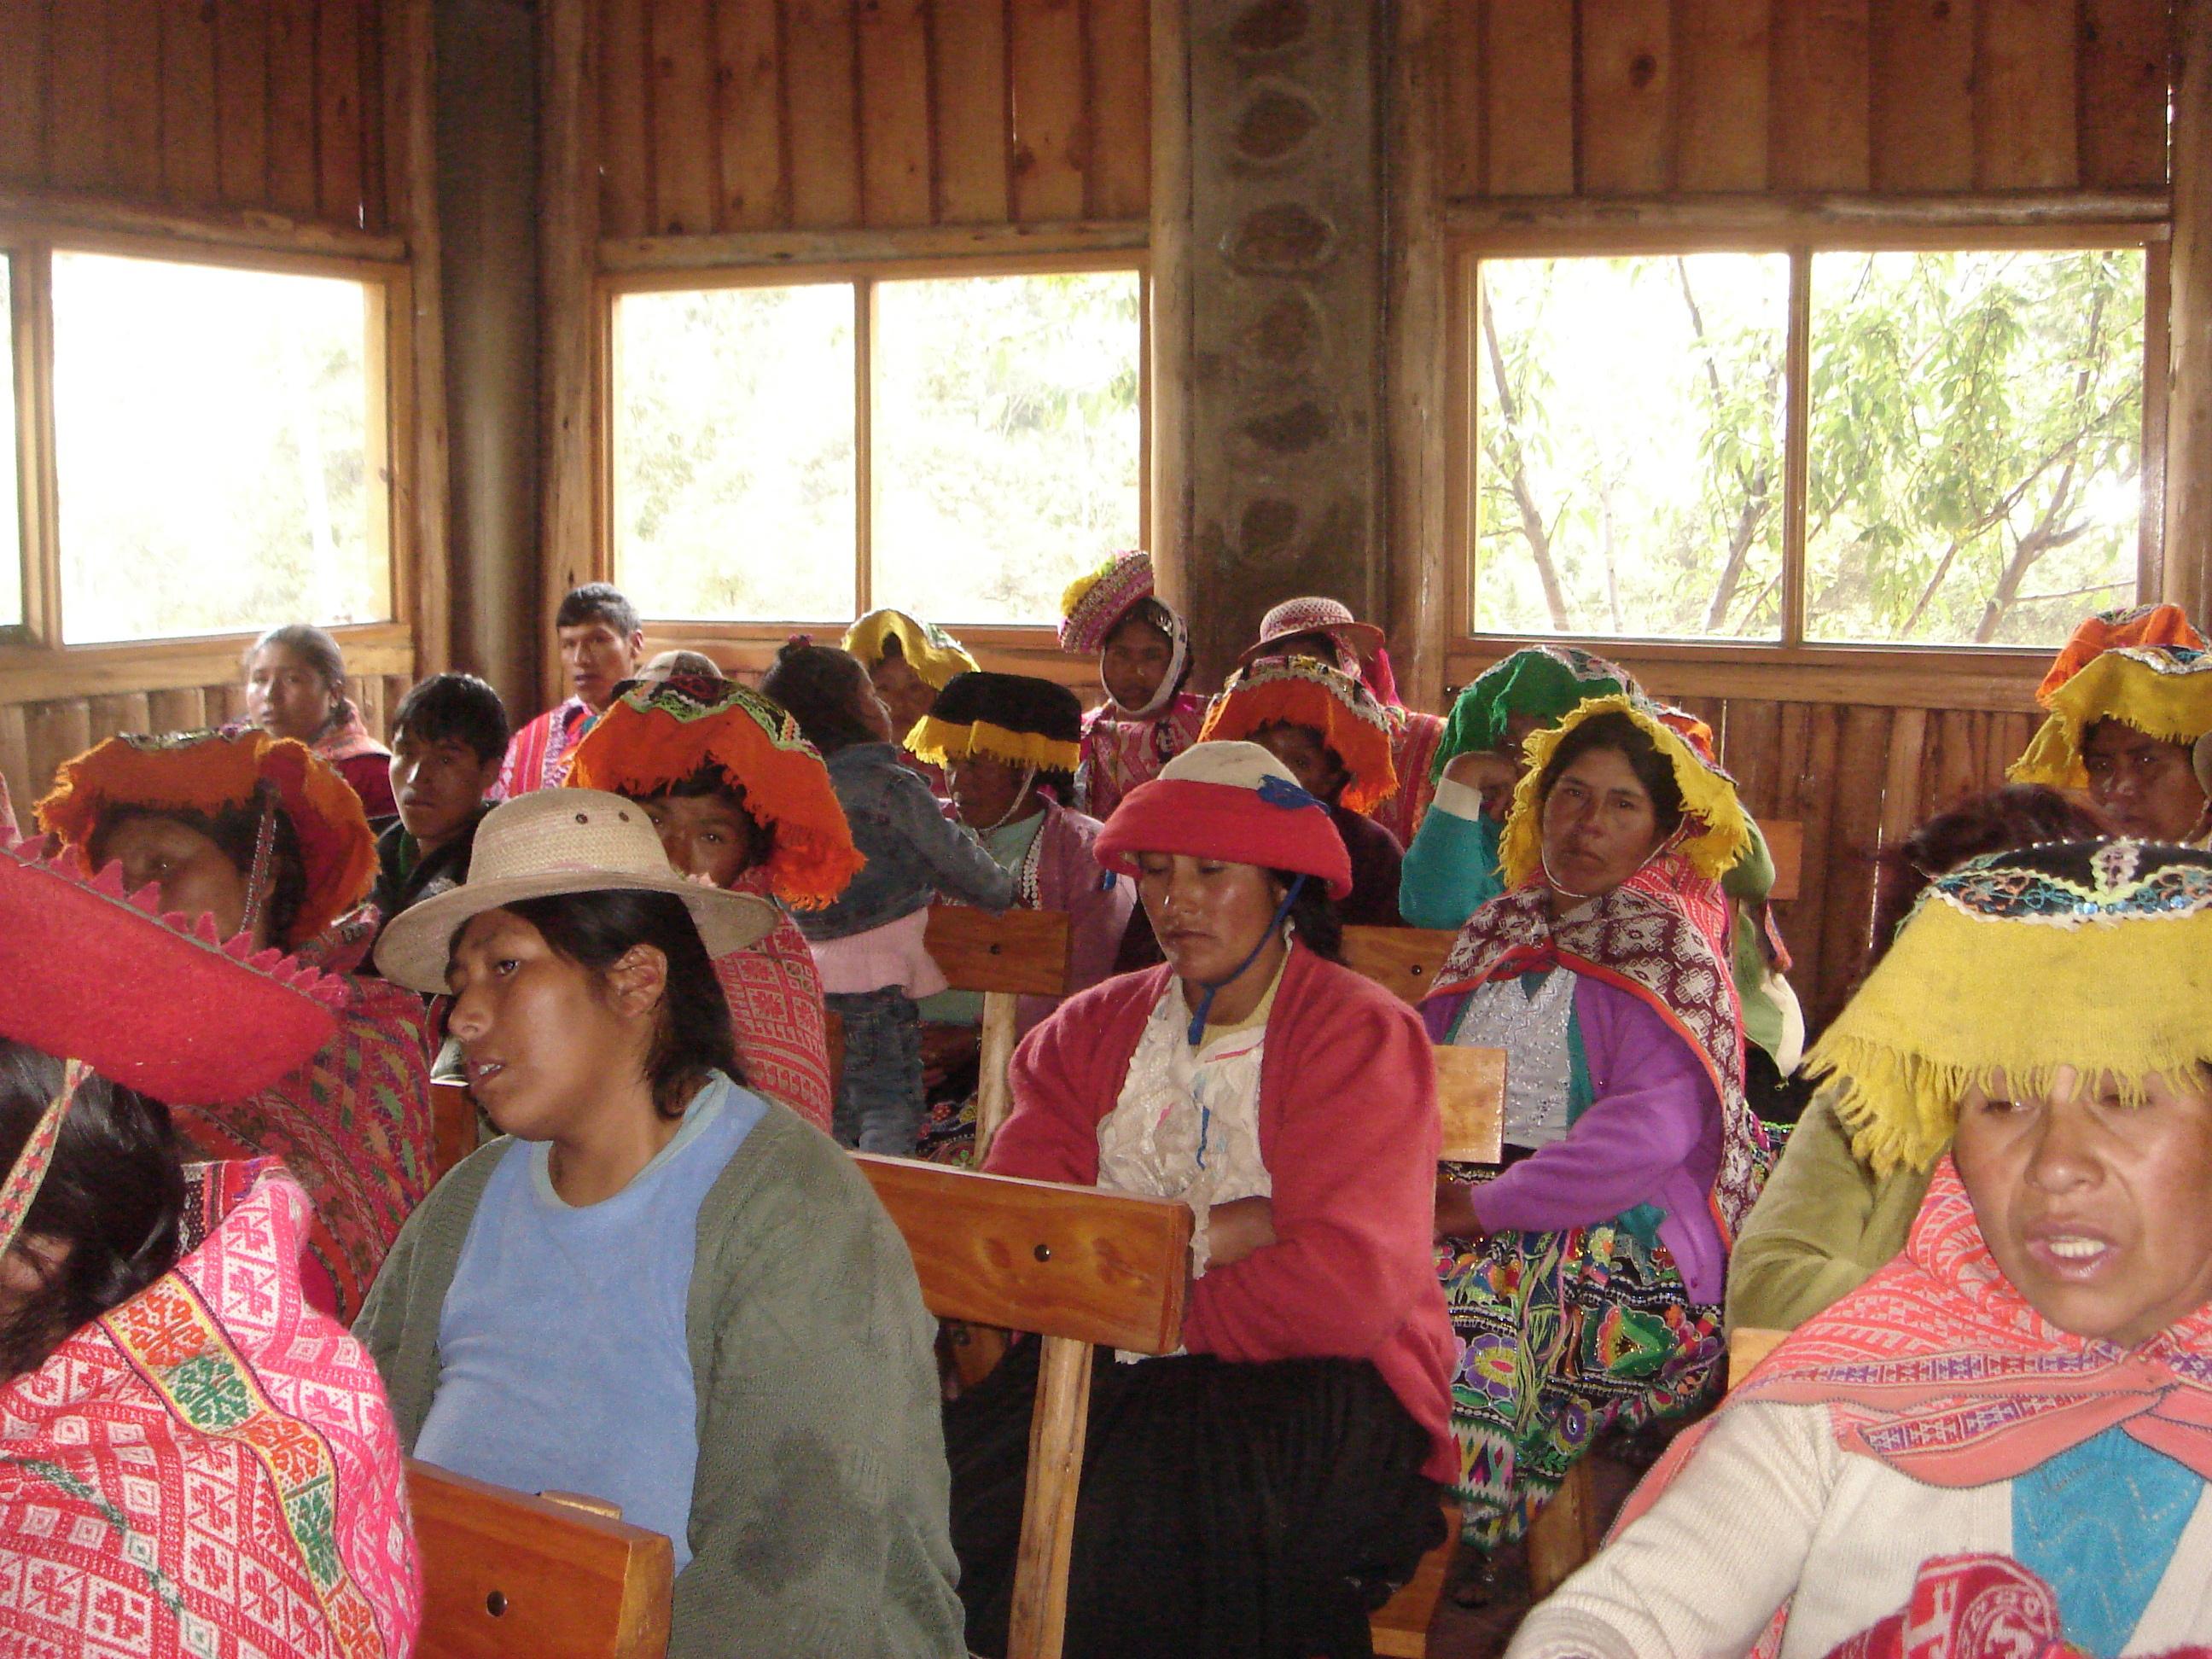 Meeting of weavers